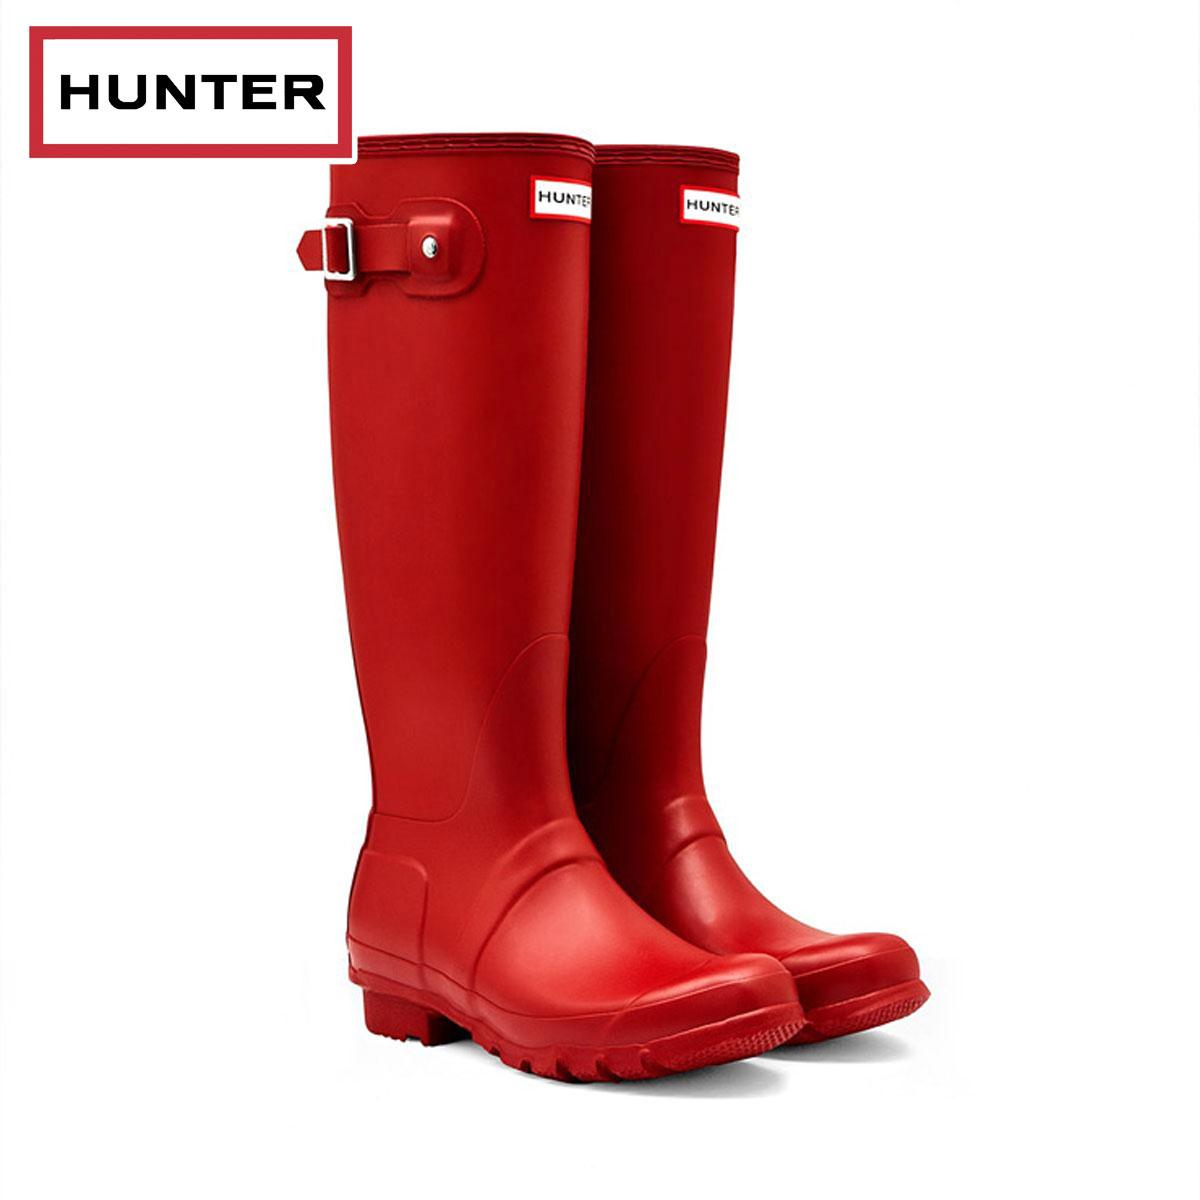 ハンター HUNTER 正規販売店 レディース レインブーツ 長靴 WOMENS ORIGINAL TALL ウィメンズ オリジナルトール MILITARY RED HWFT1000RMAMLR D00S15